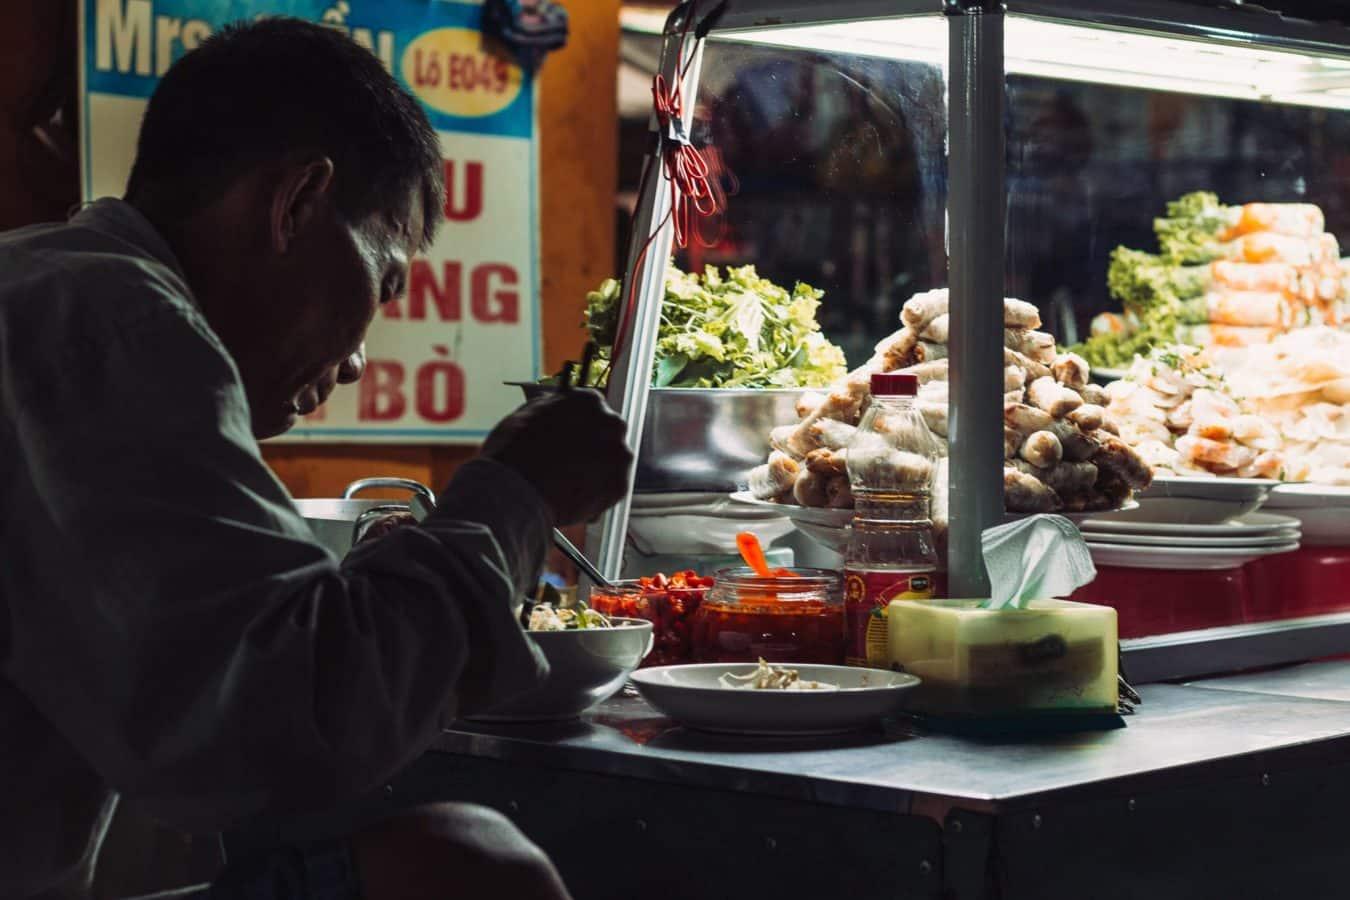 diner - Hoi An's markets